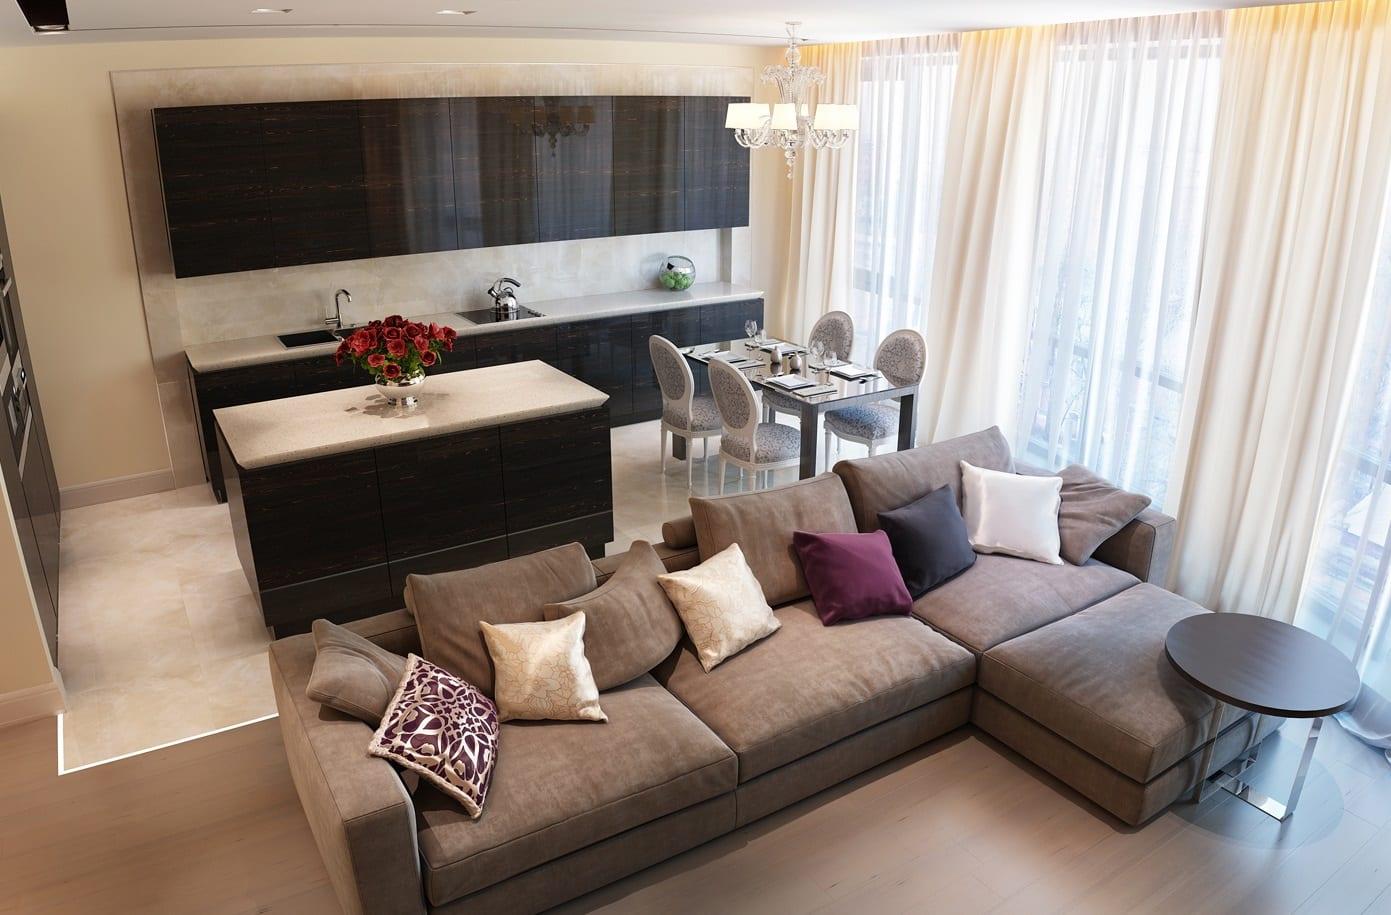 Кухня-гостиная площадью 25 кв. м: как реализовать дизайн как на фото лучших дизайнеров